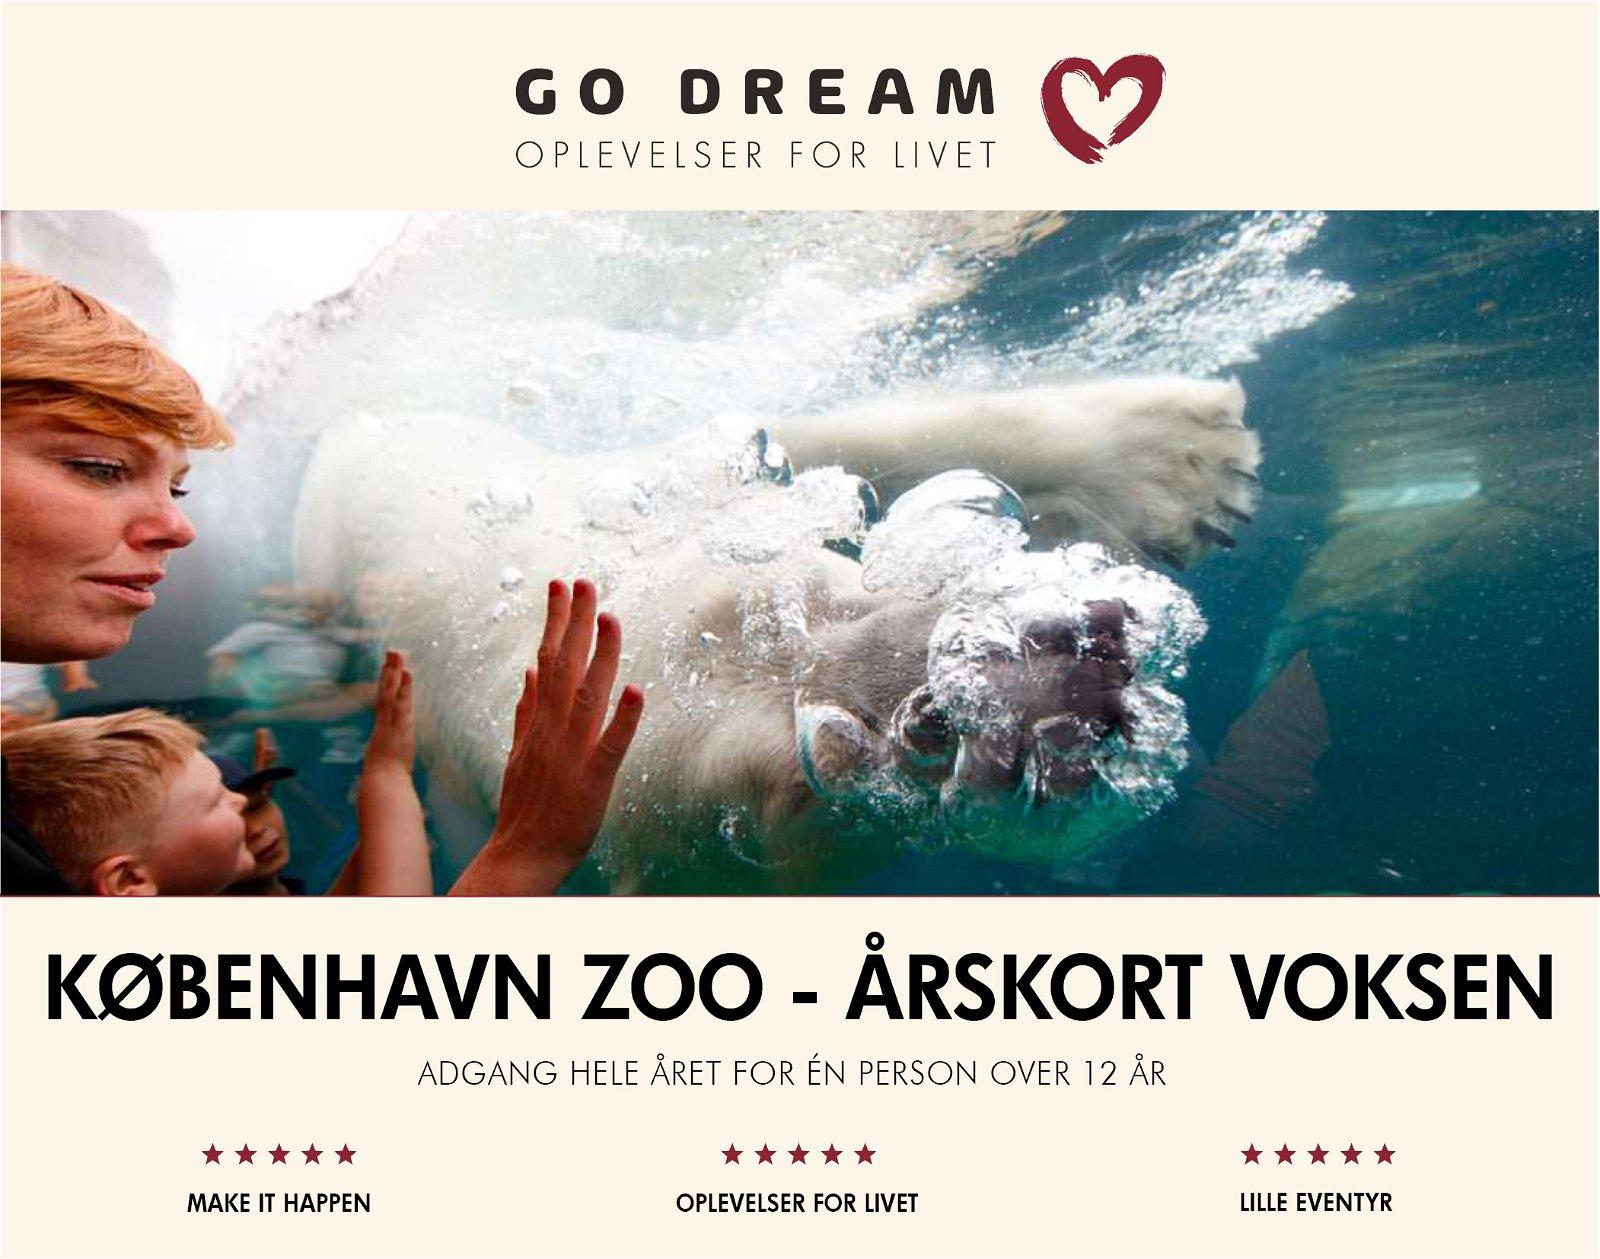 Go Dream Årskort Voksen til Købehavn Zoo